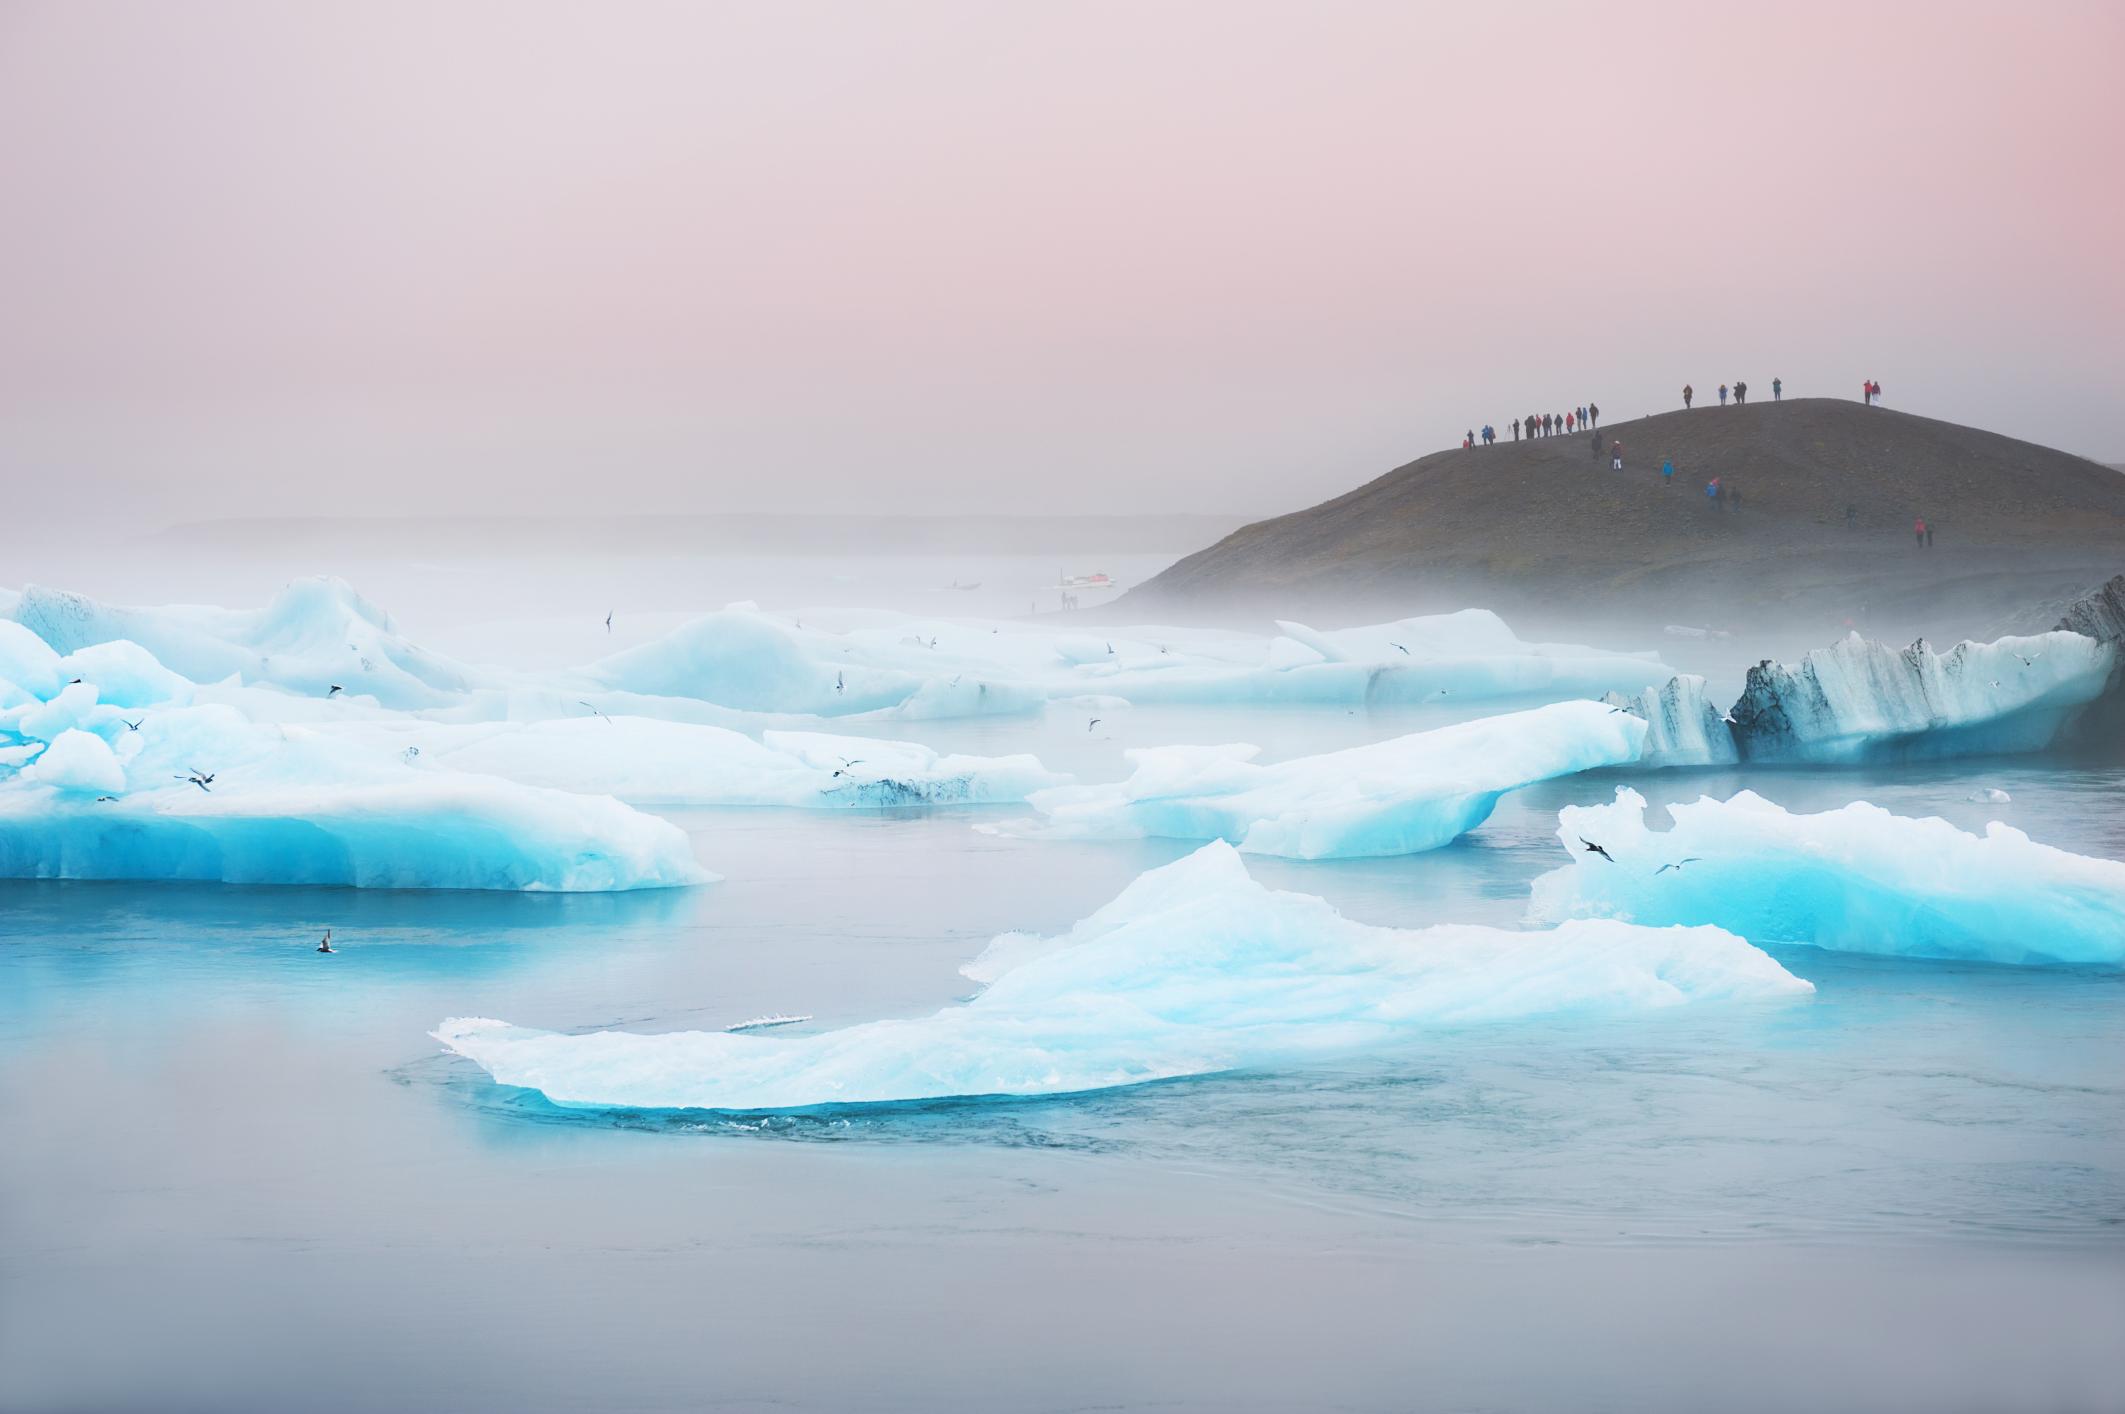 Παγόβουνα σε λευκό και μπλε ελεκτρικ χρώμα στη Λιμνοθάλασσα Jökulsárlón, Ισλανδία